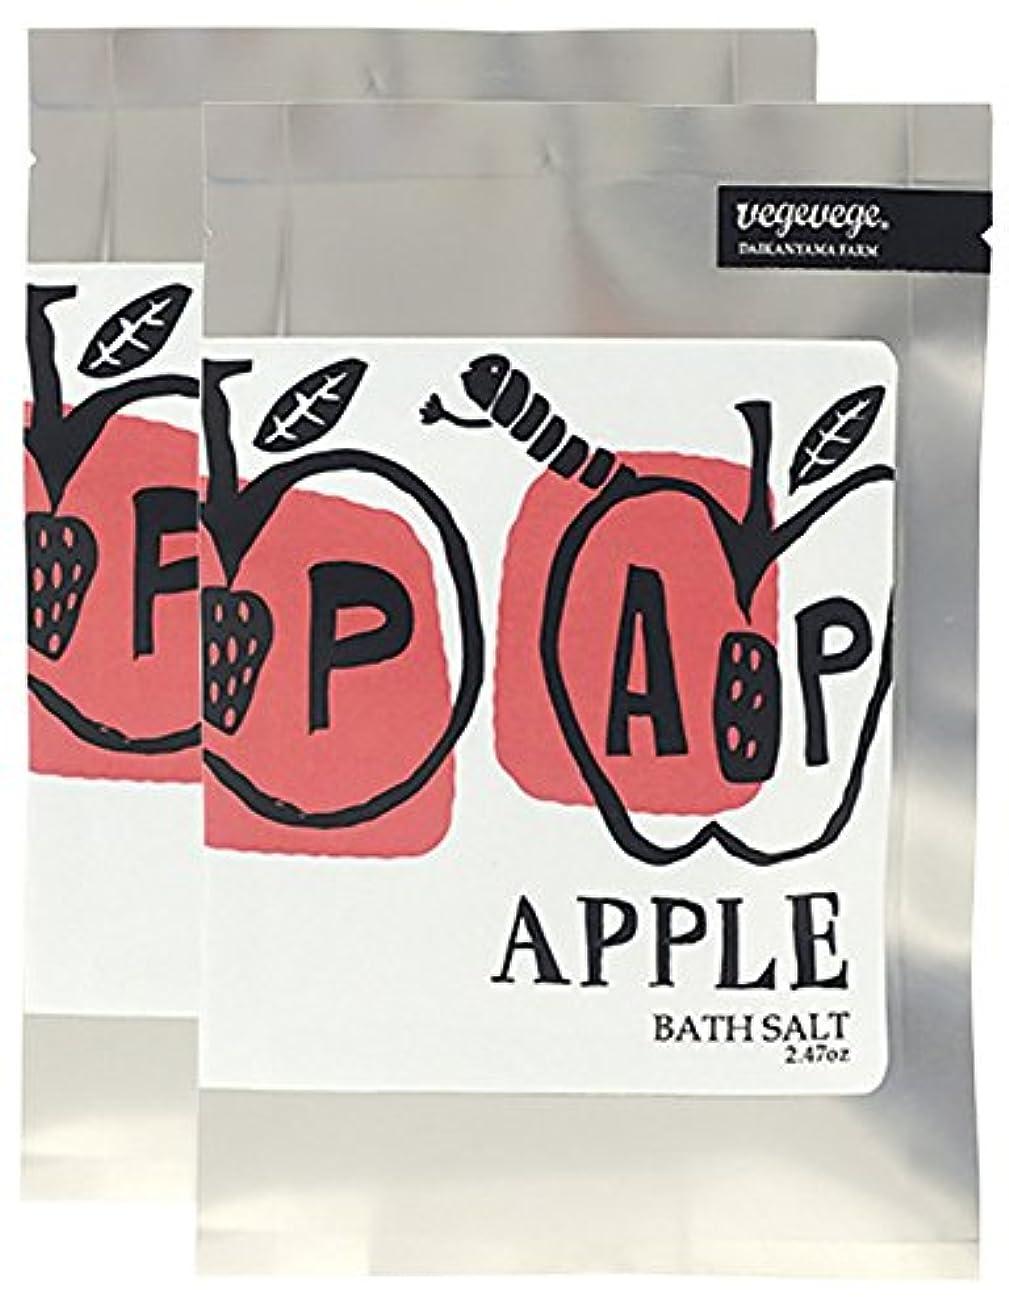 ノルコーポレーション 入浴剤 バスソルト VEGEVEGE アップルの香り 2包入り OB-VGE-2-4